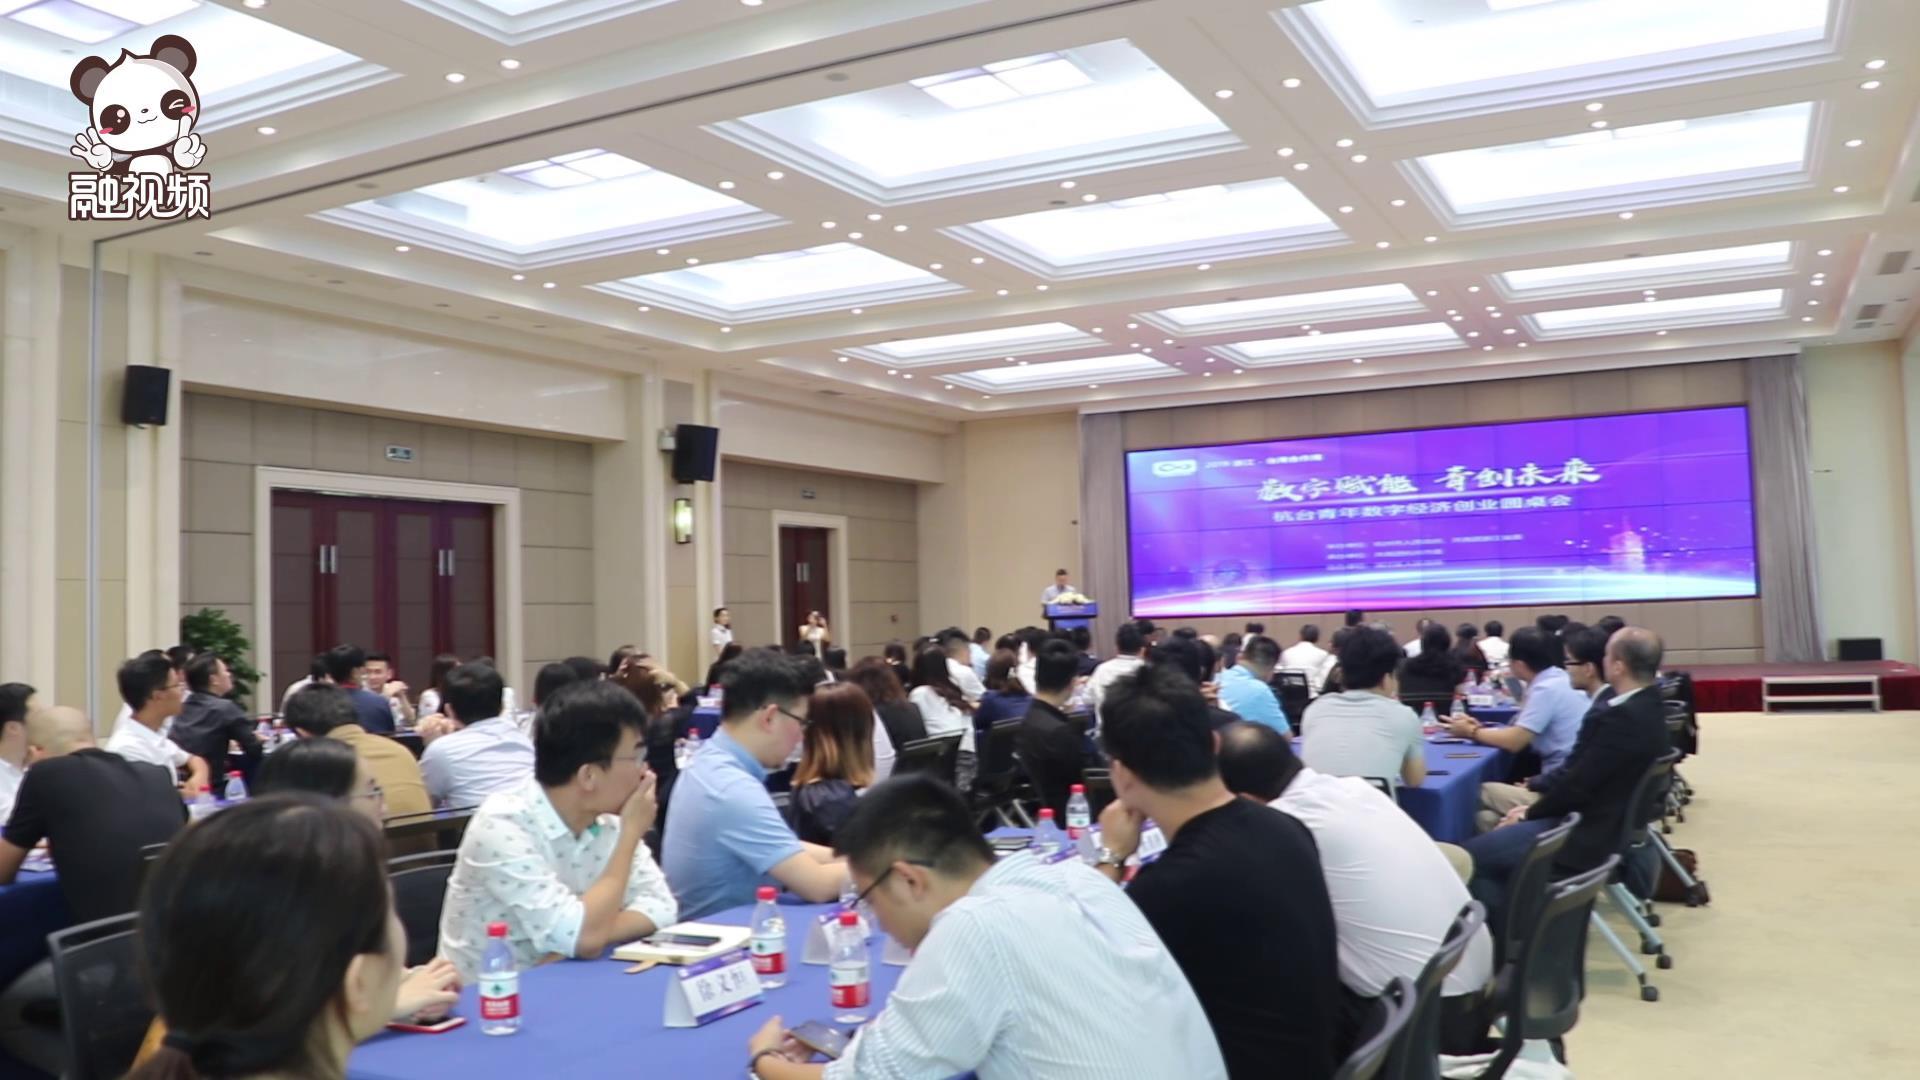 两岸青年交流盛宴—杭台青年数字经济创业圆桌会图片